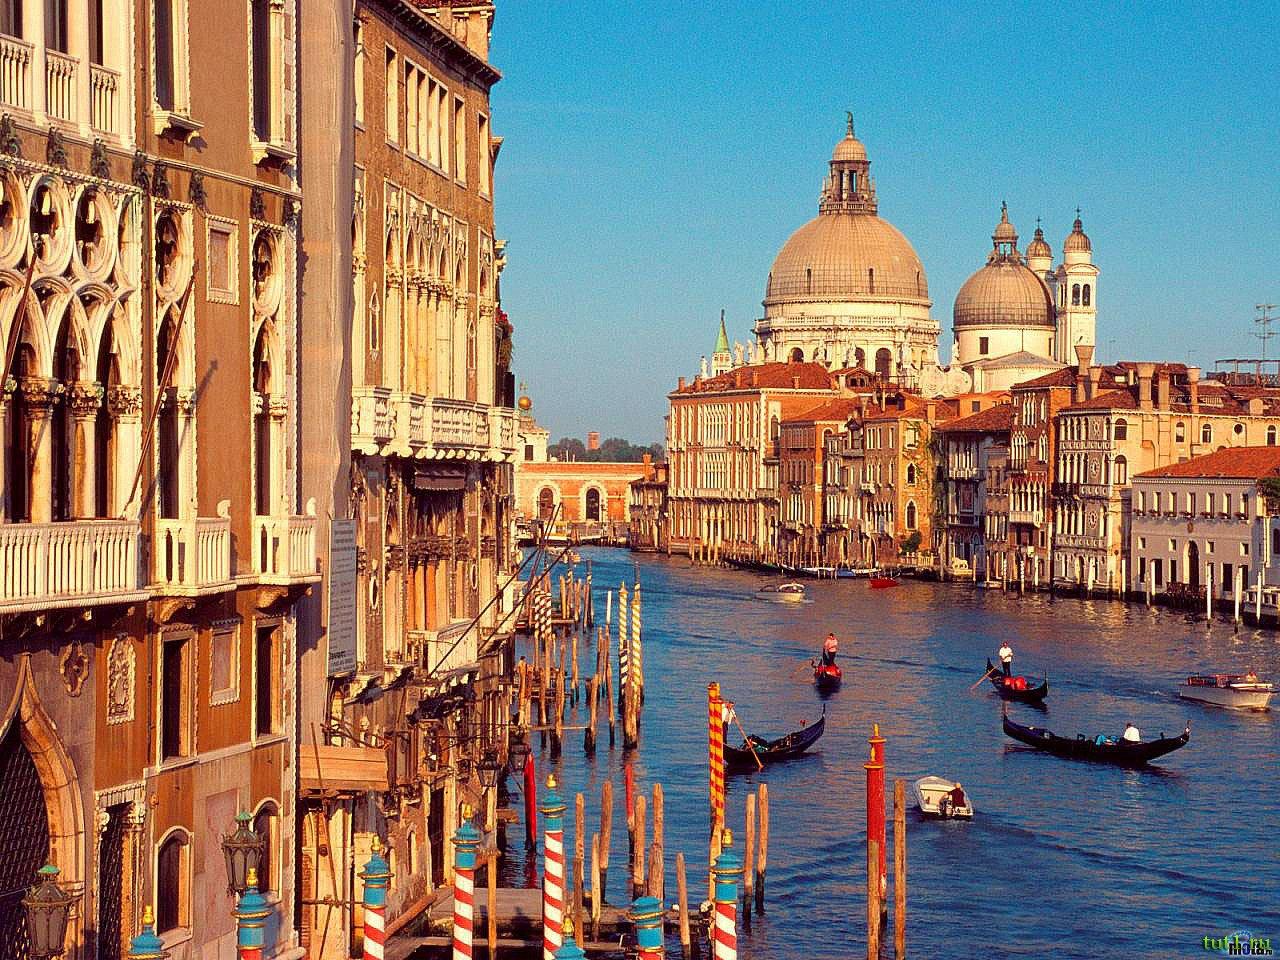 ПО ГОРОДАМ И СТРАНАМ. Венеция